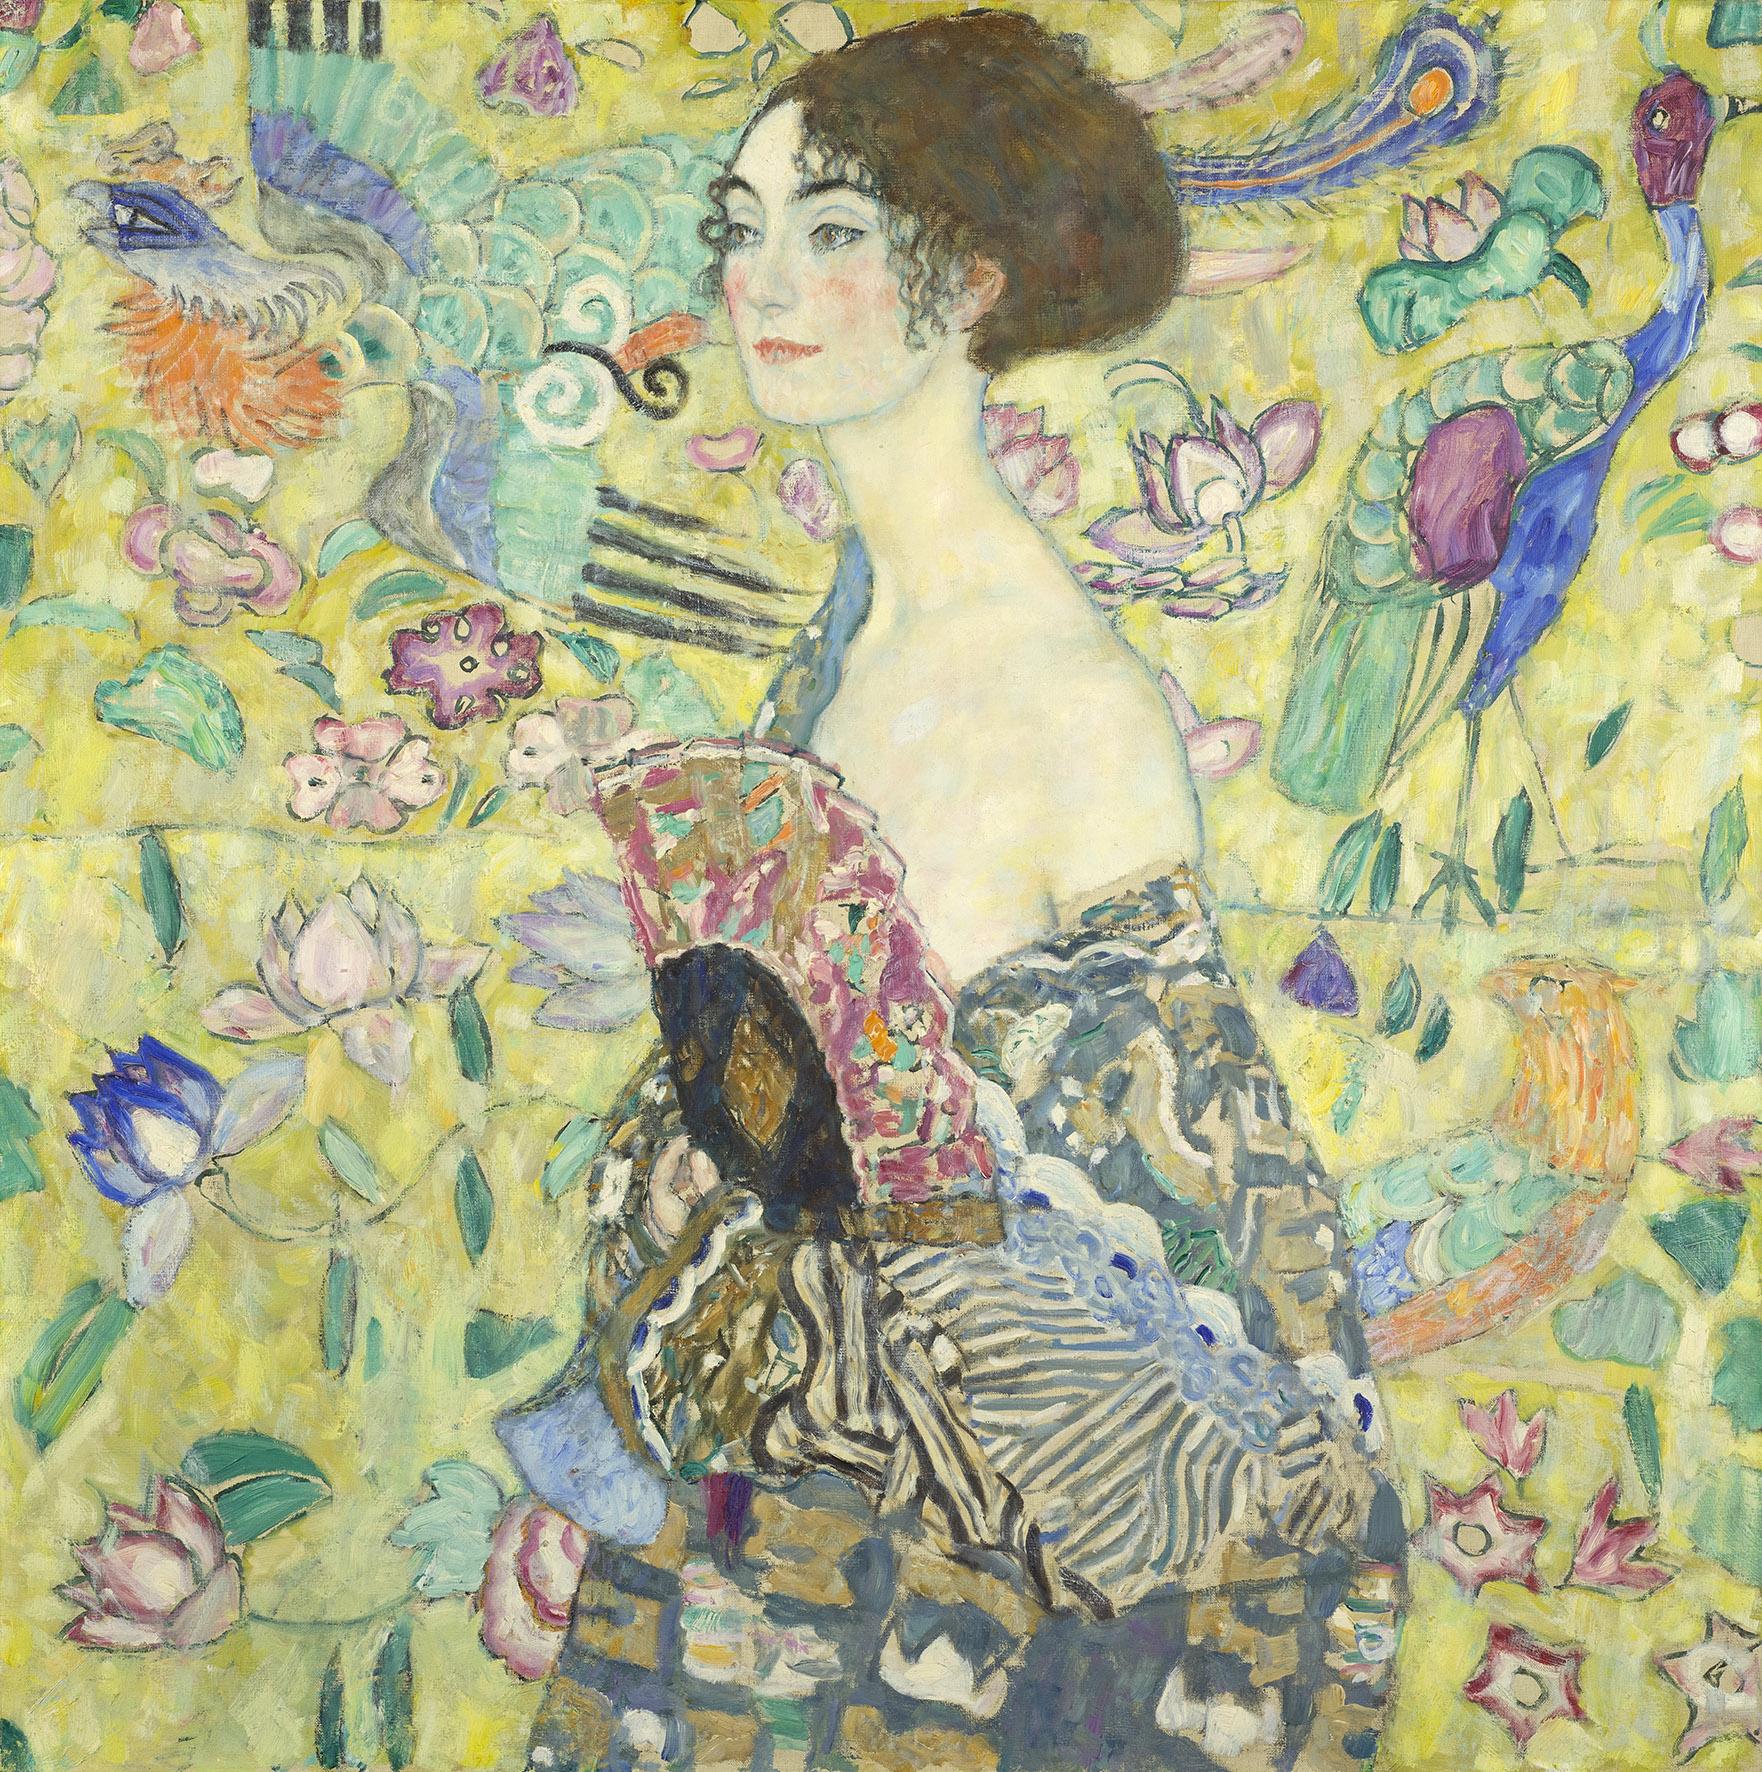 Klimt utolsó festménye 100 év után újra Bécsben lesz látható